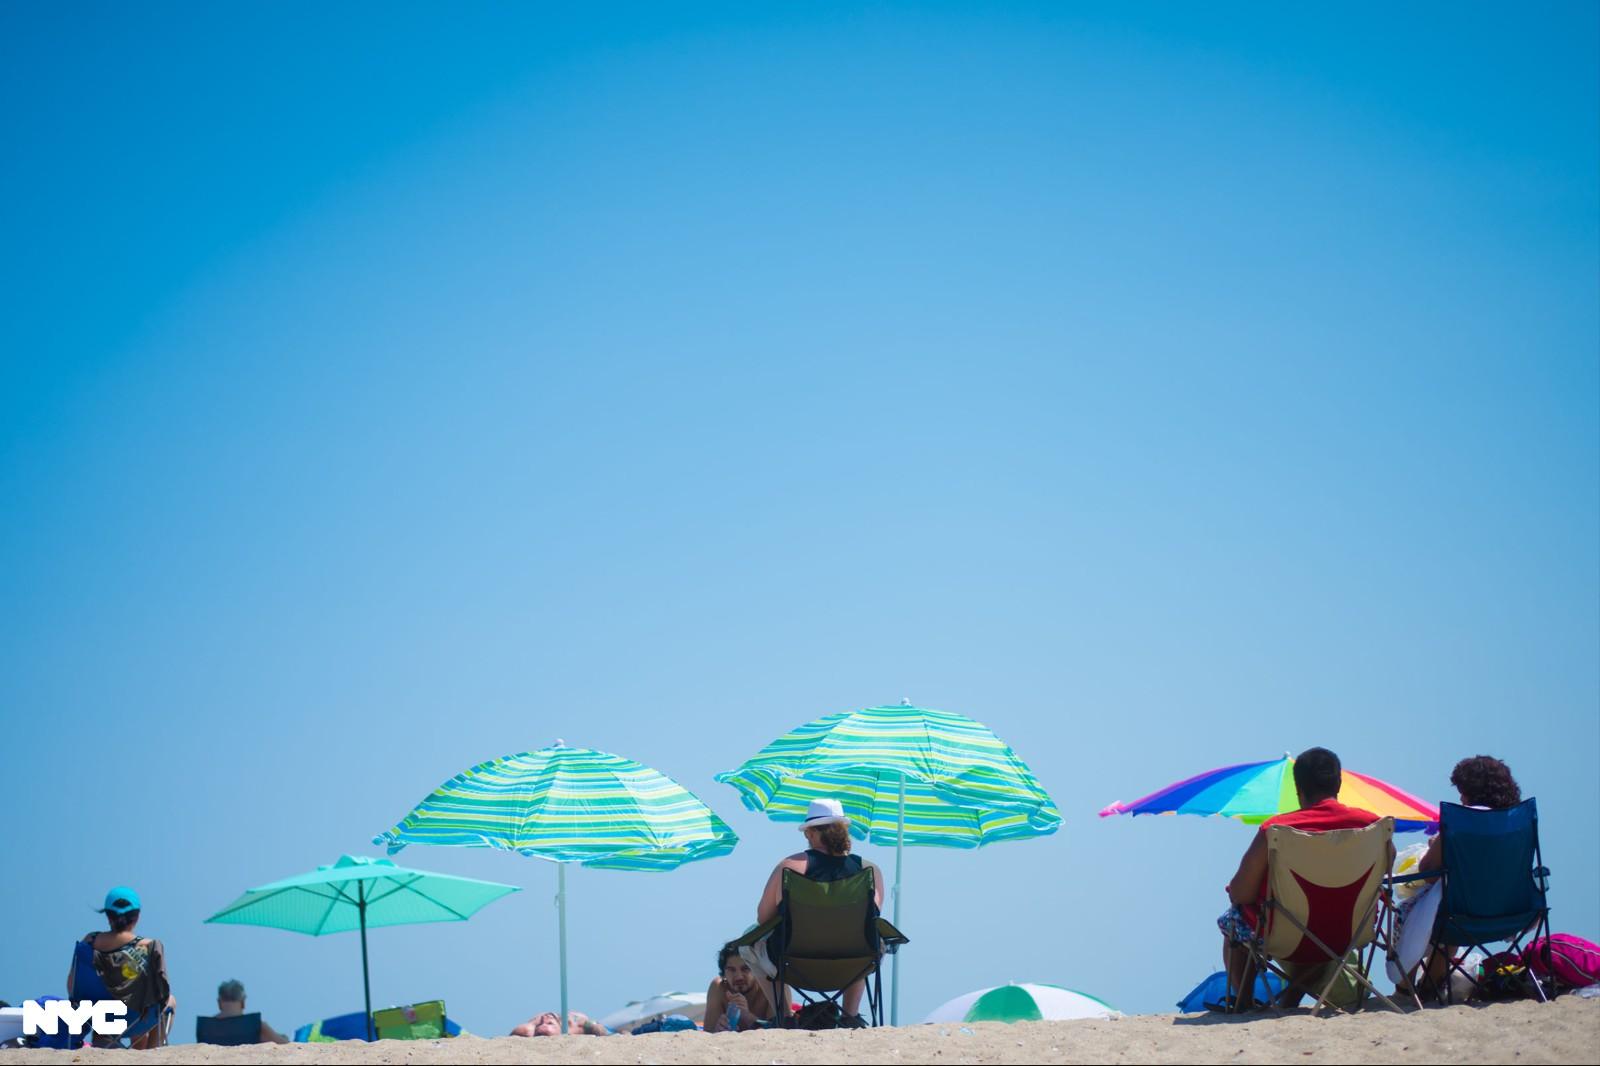 赶上国殇日长周末 纽约市公共海滩及泳池今年将按时开放_图1-3